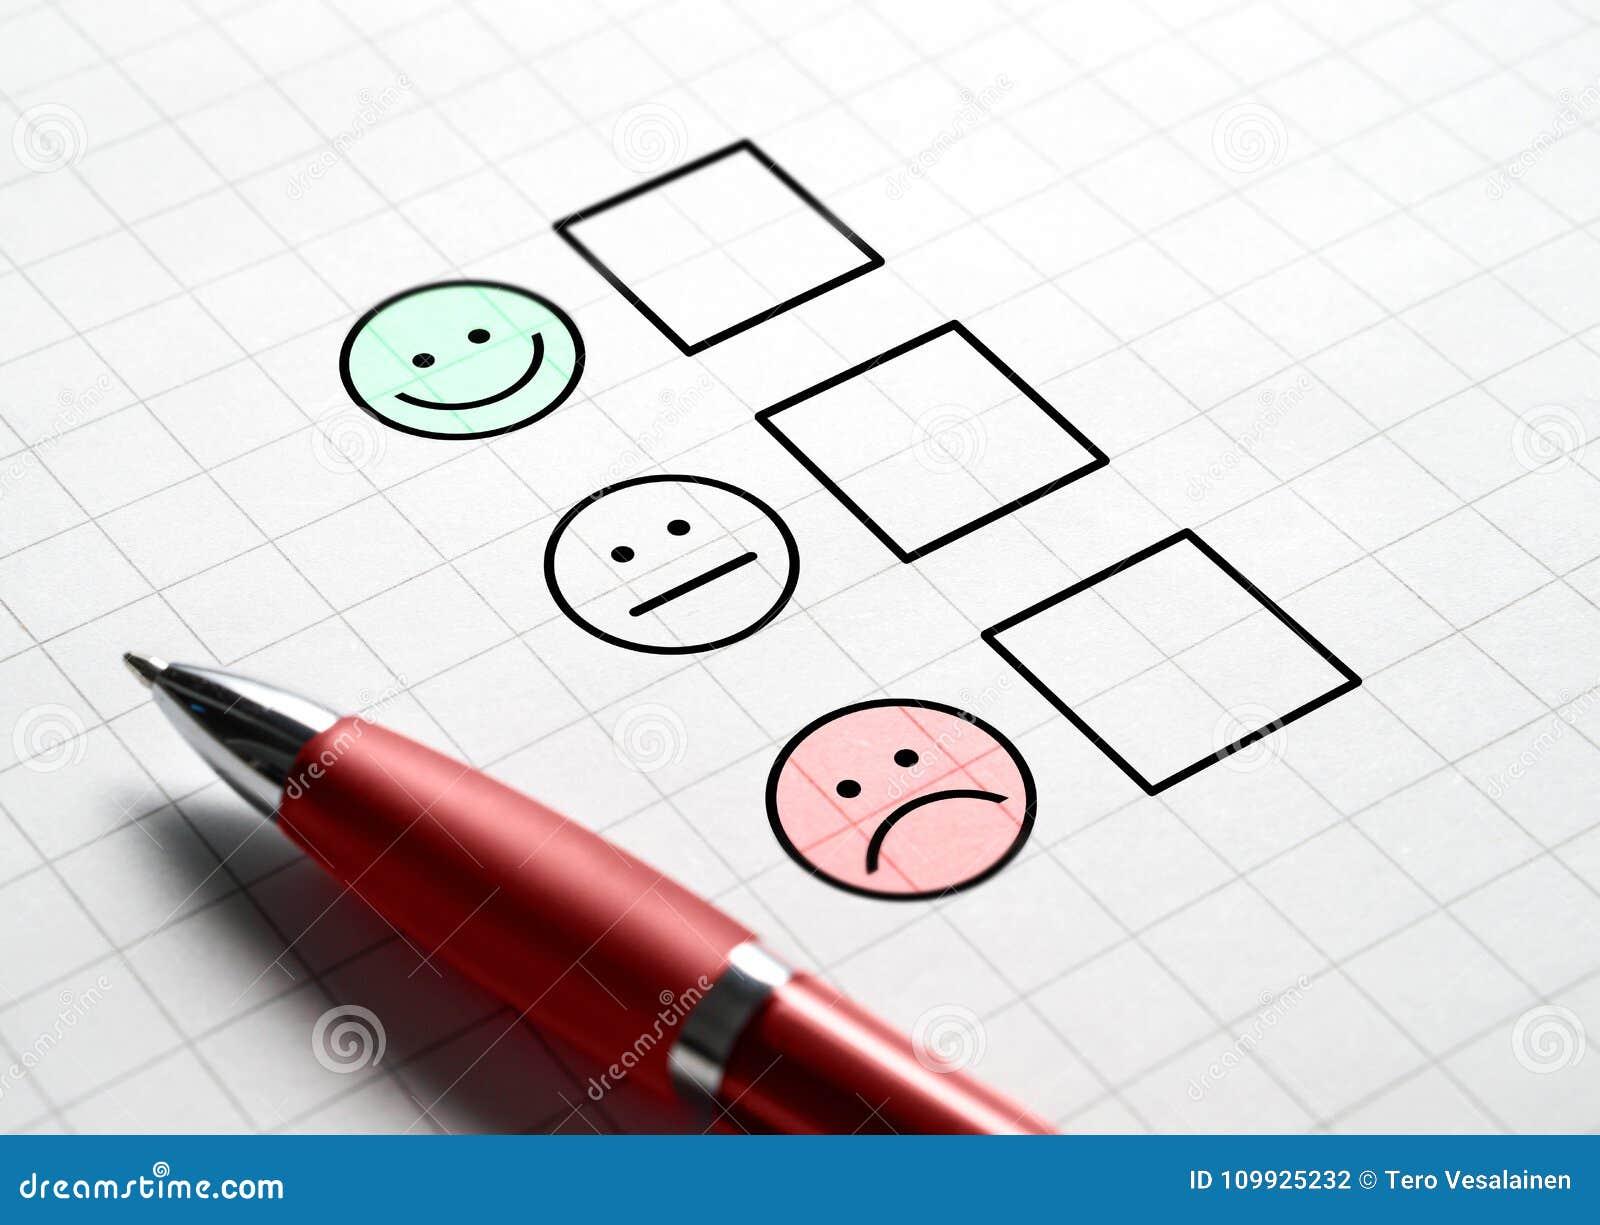 Avaliação da satisfação do cliente e conceito do questionário